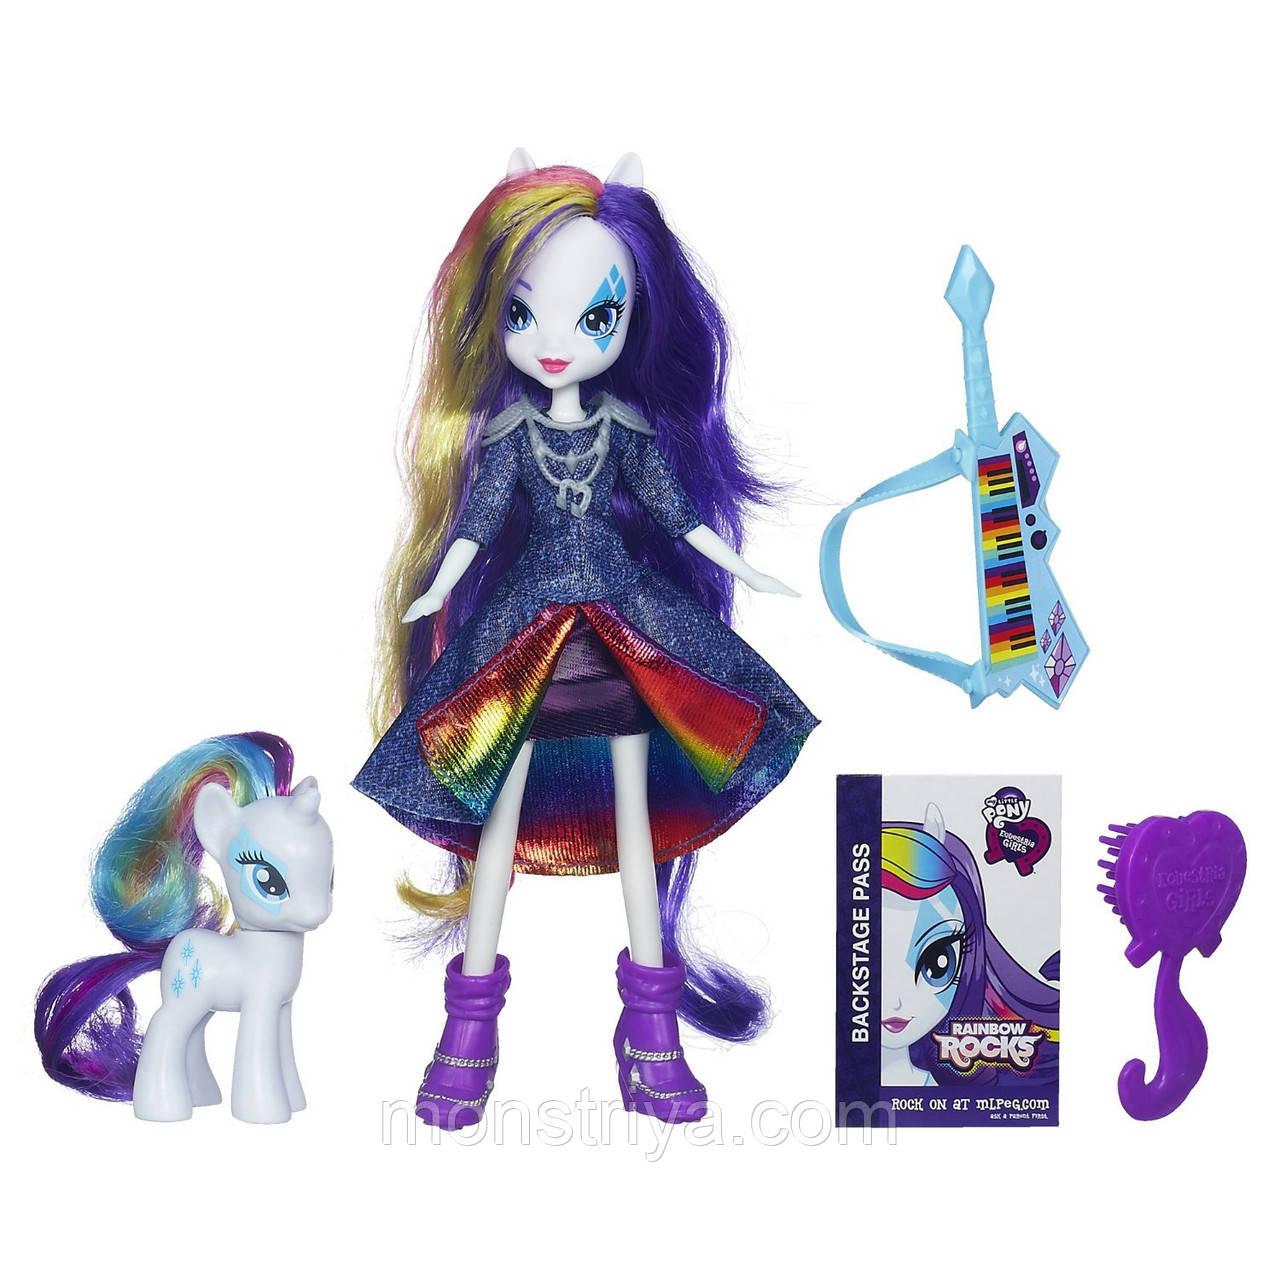 Кукла Май Литл Пони Рарити и пони (Rarity Doll and Pony Set),Киев.